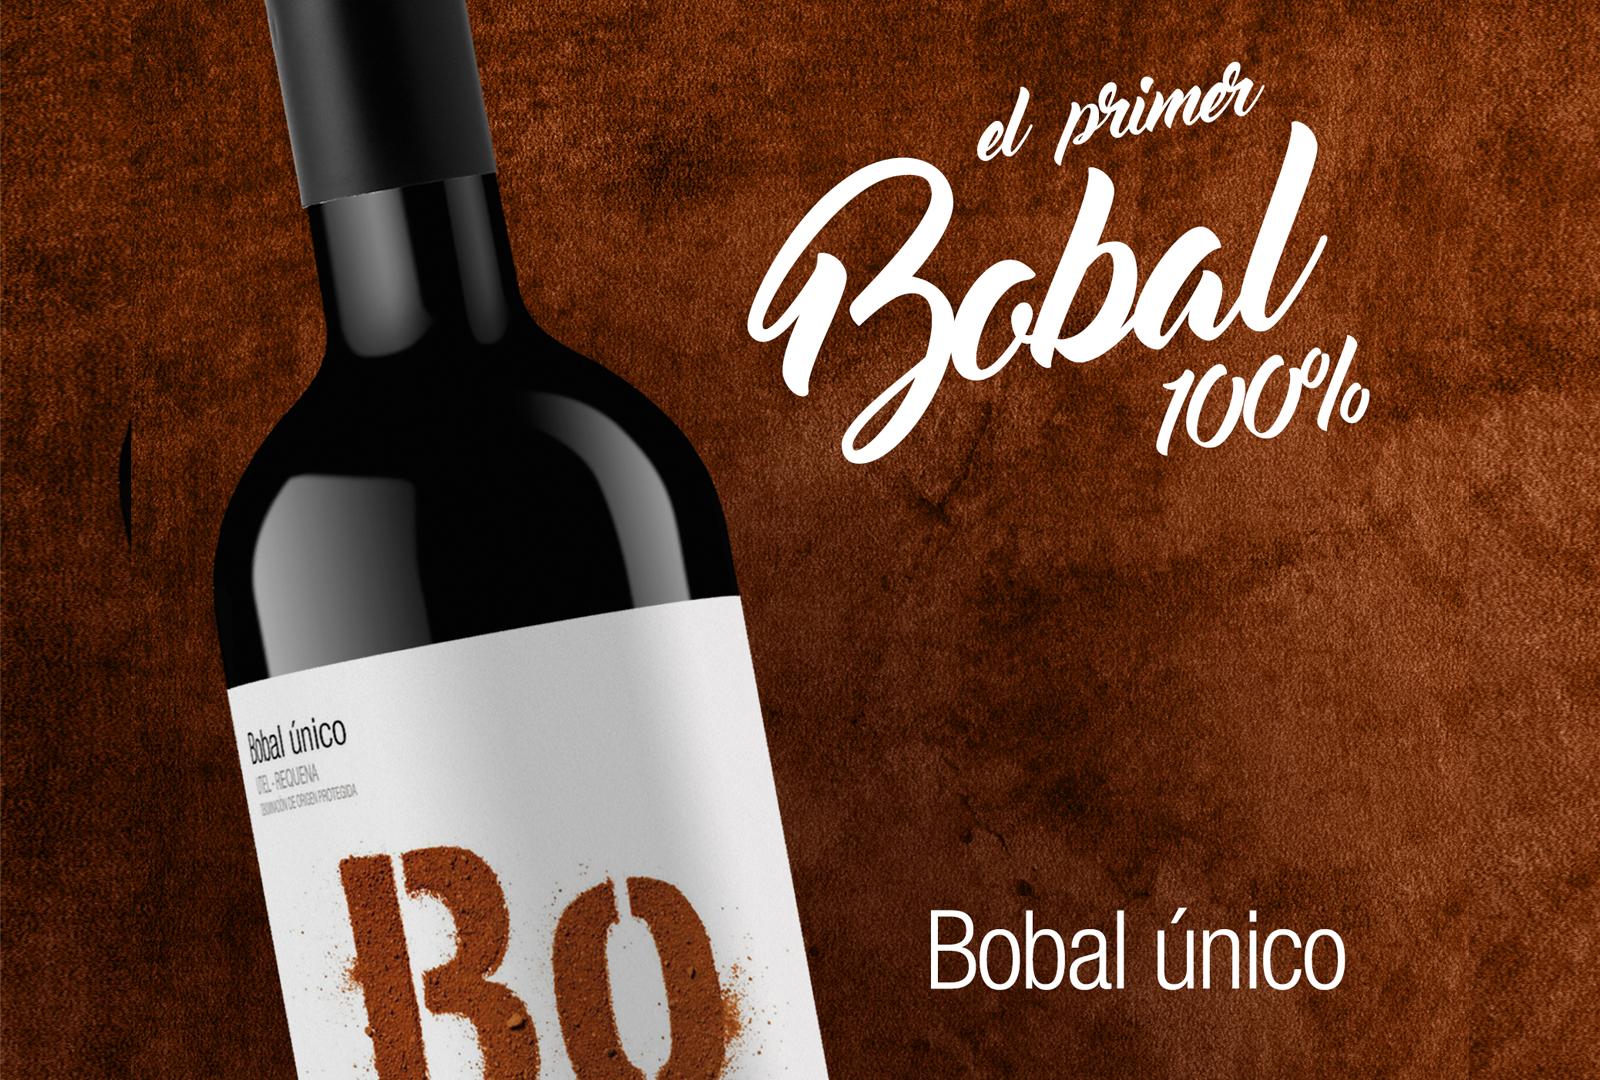 BO, el primer vino Bobal 100%.